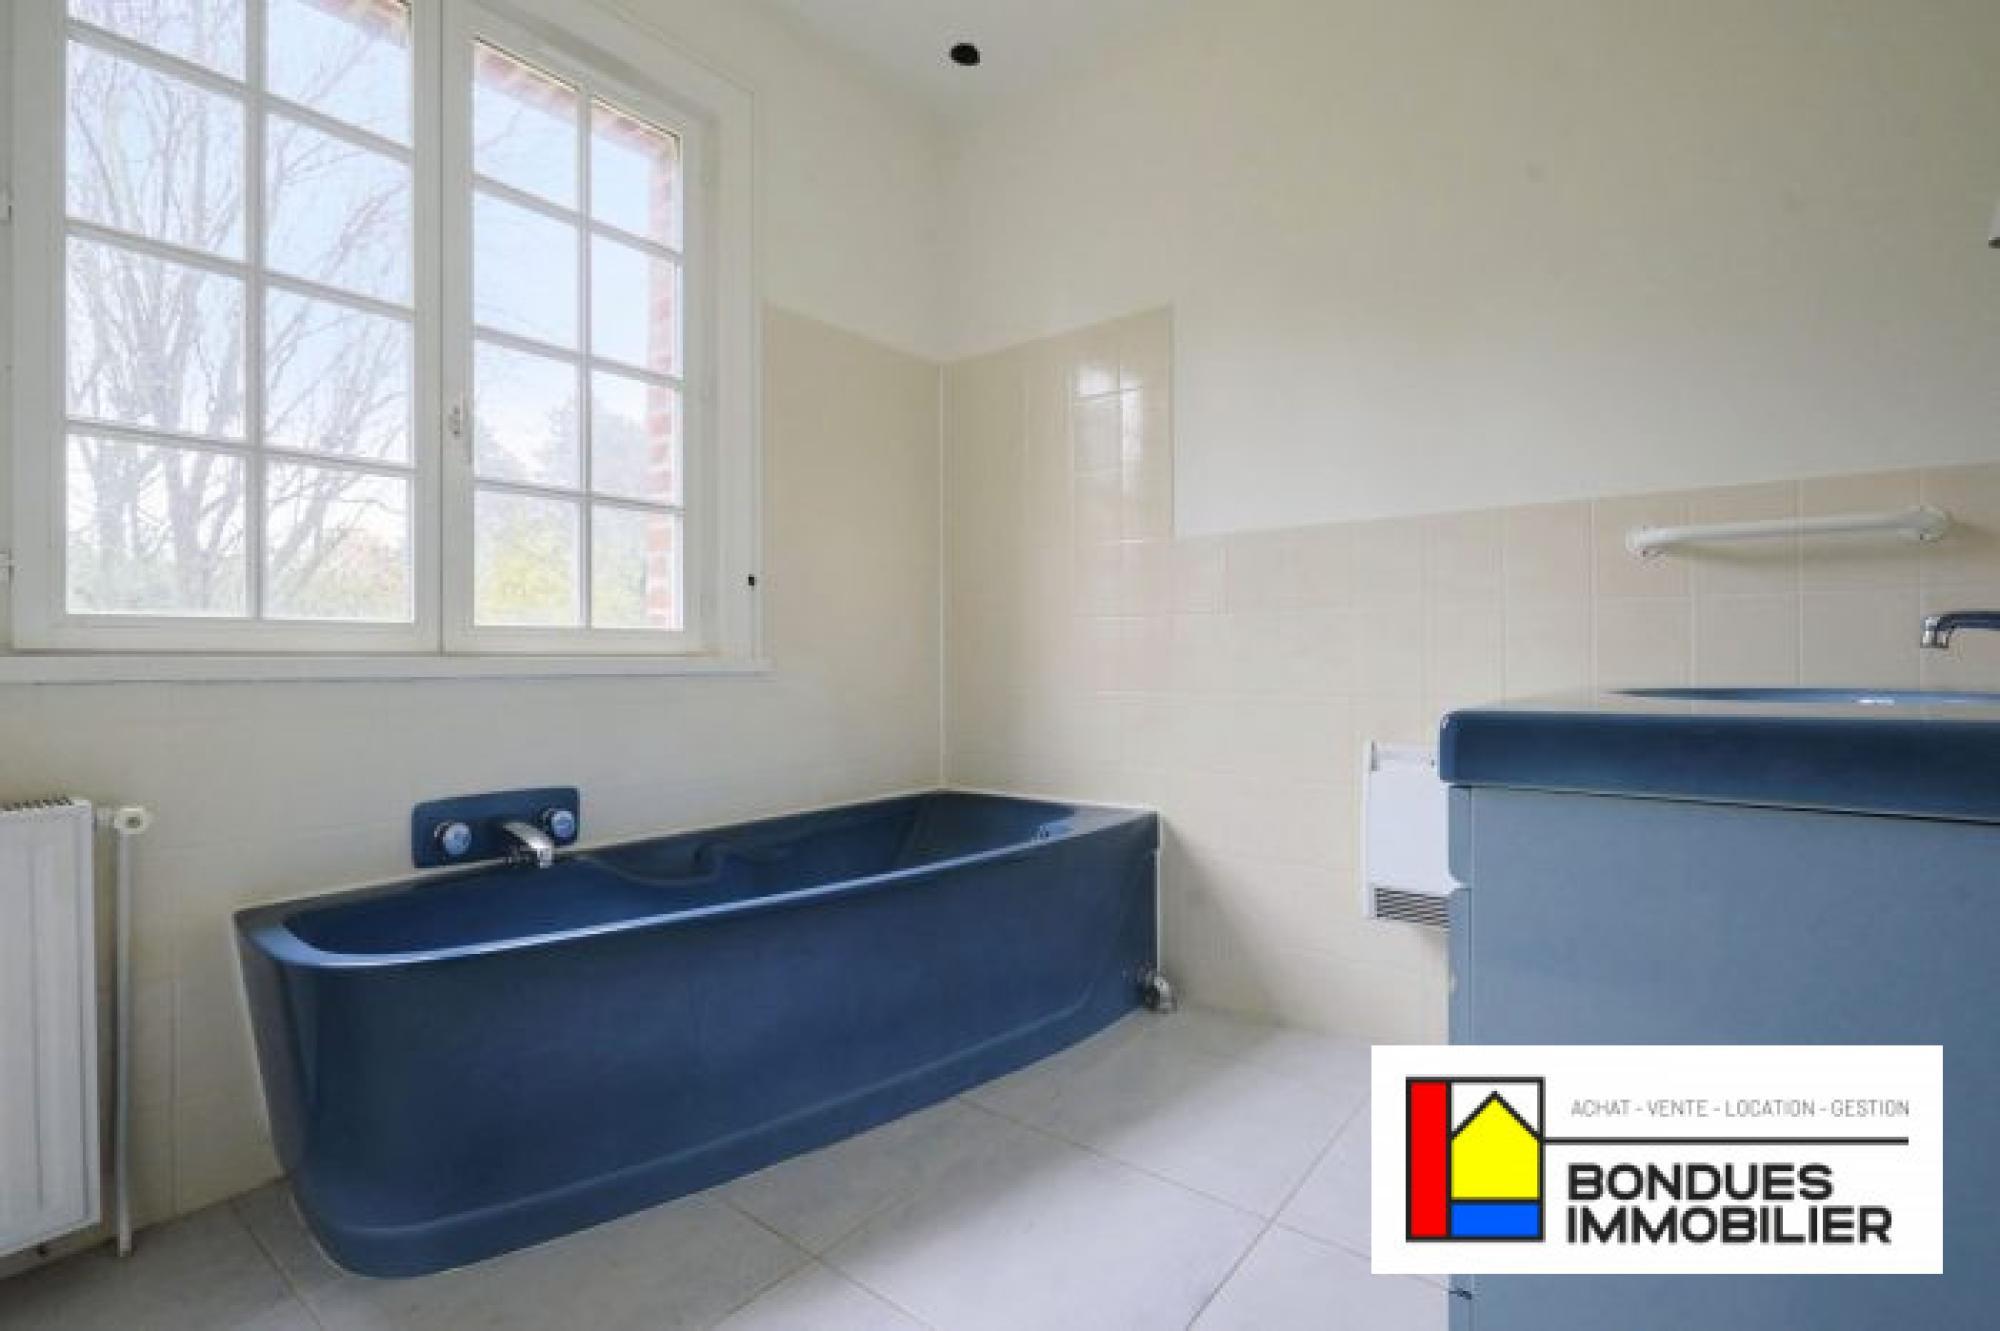 vente maison bondues refVM420 (9)